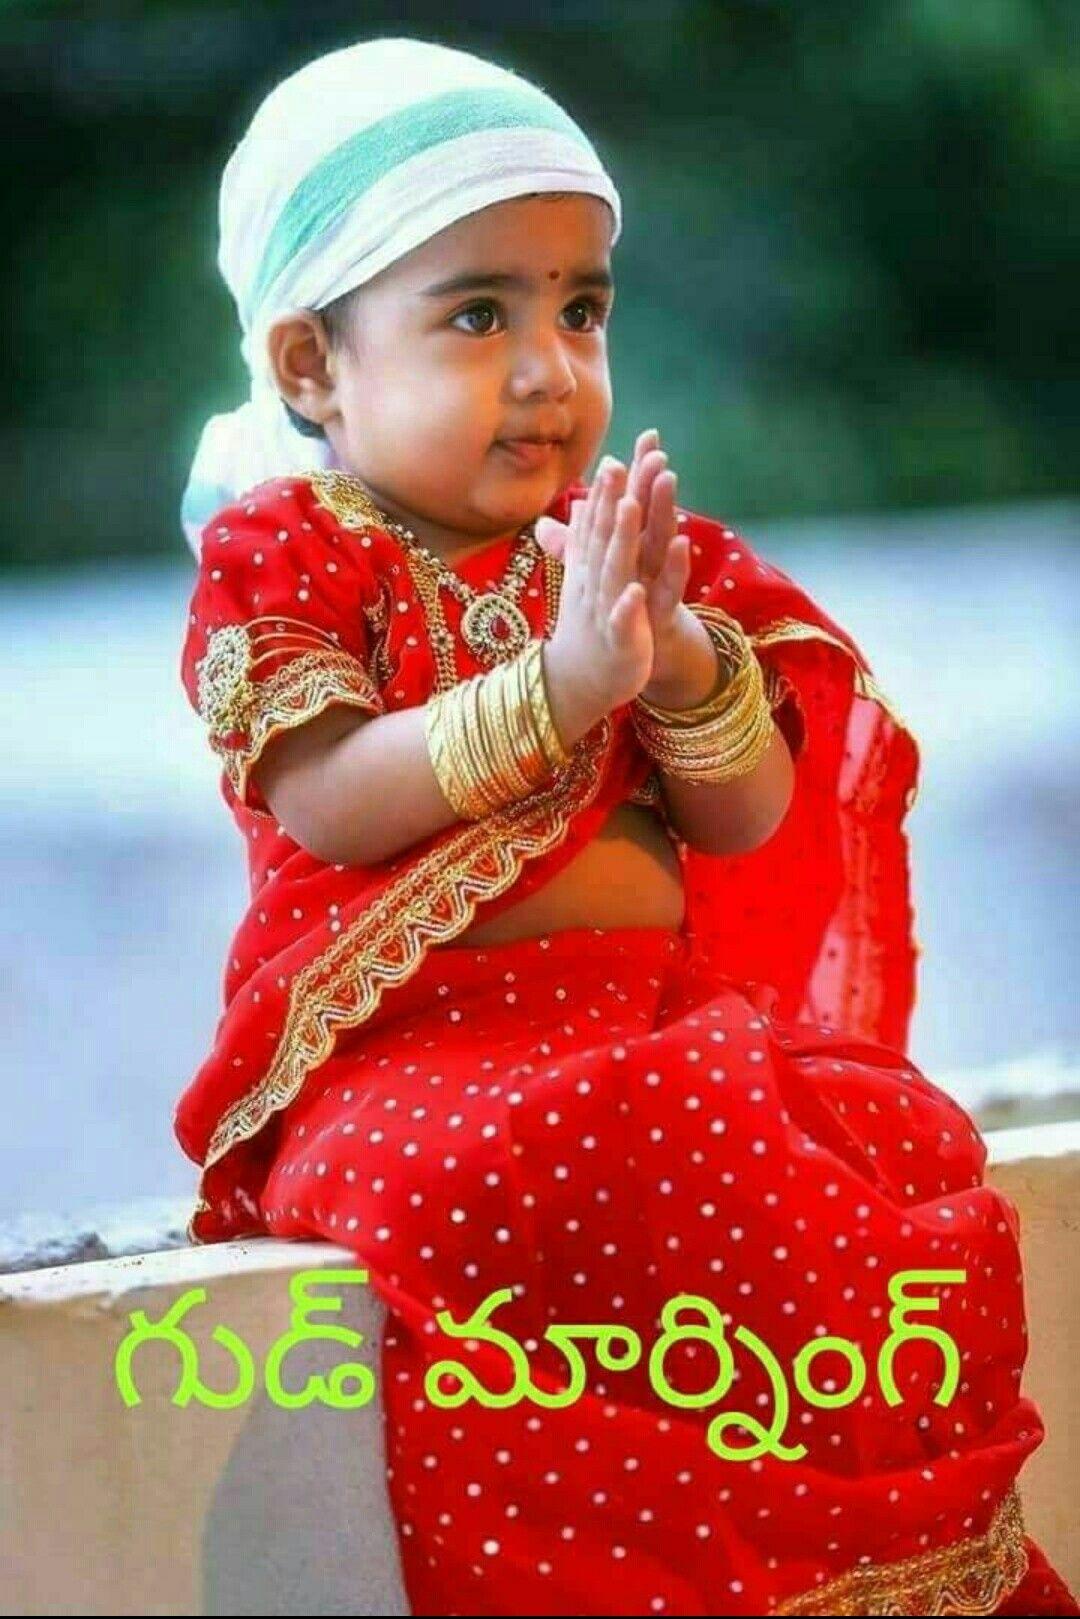 Pin By Sreeknr On Junior Good Morning Greetings Cute Baby Girl Cute Babies